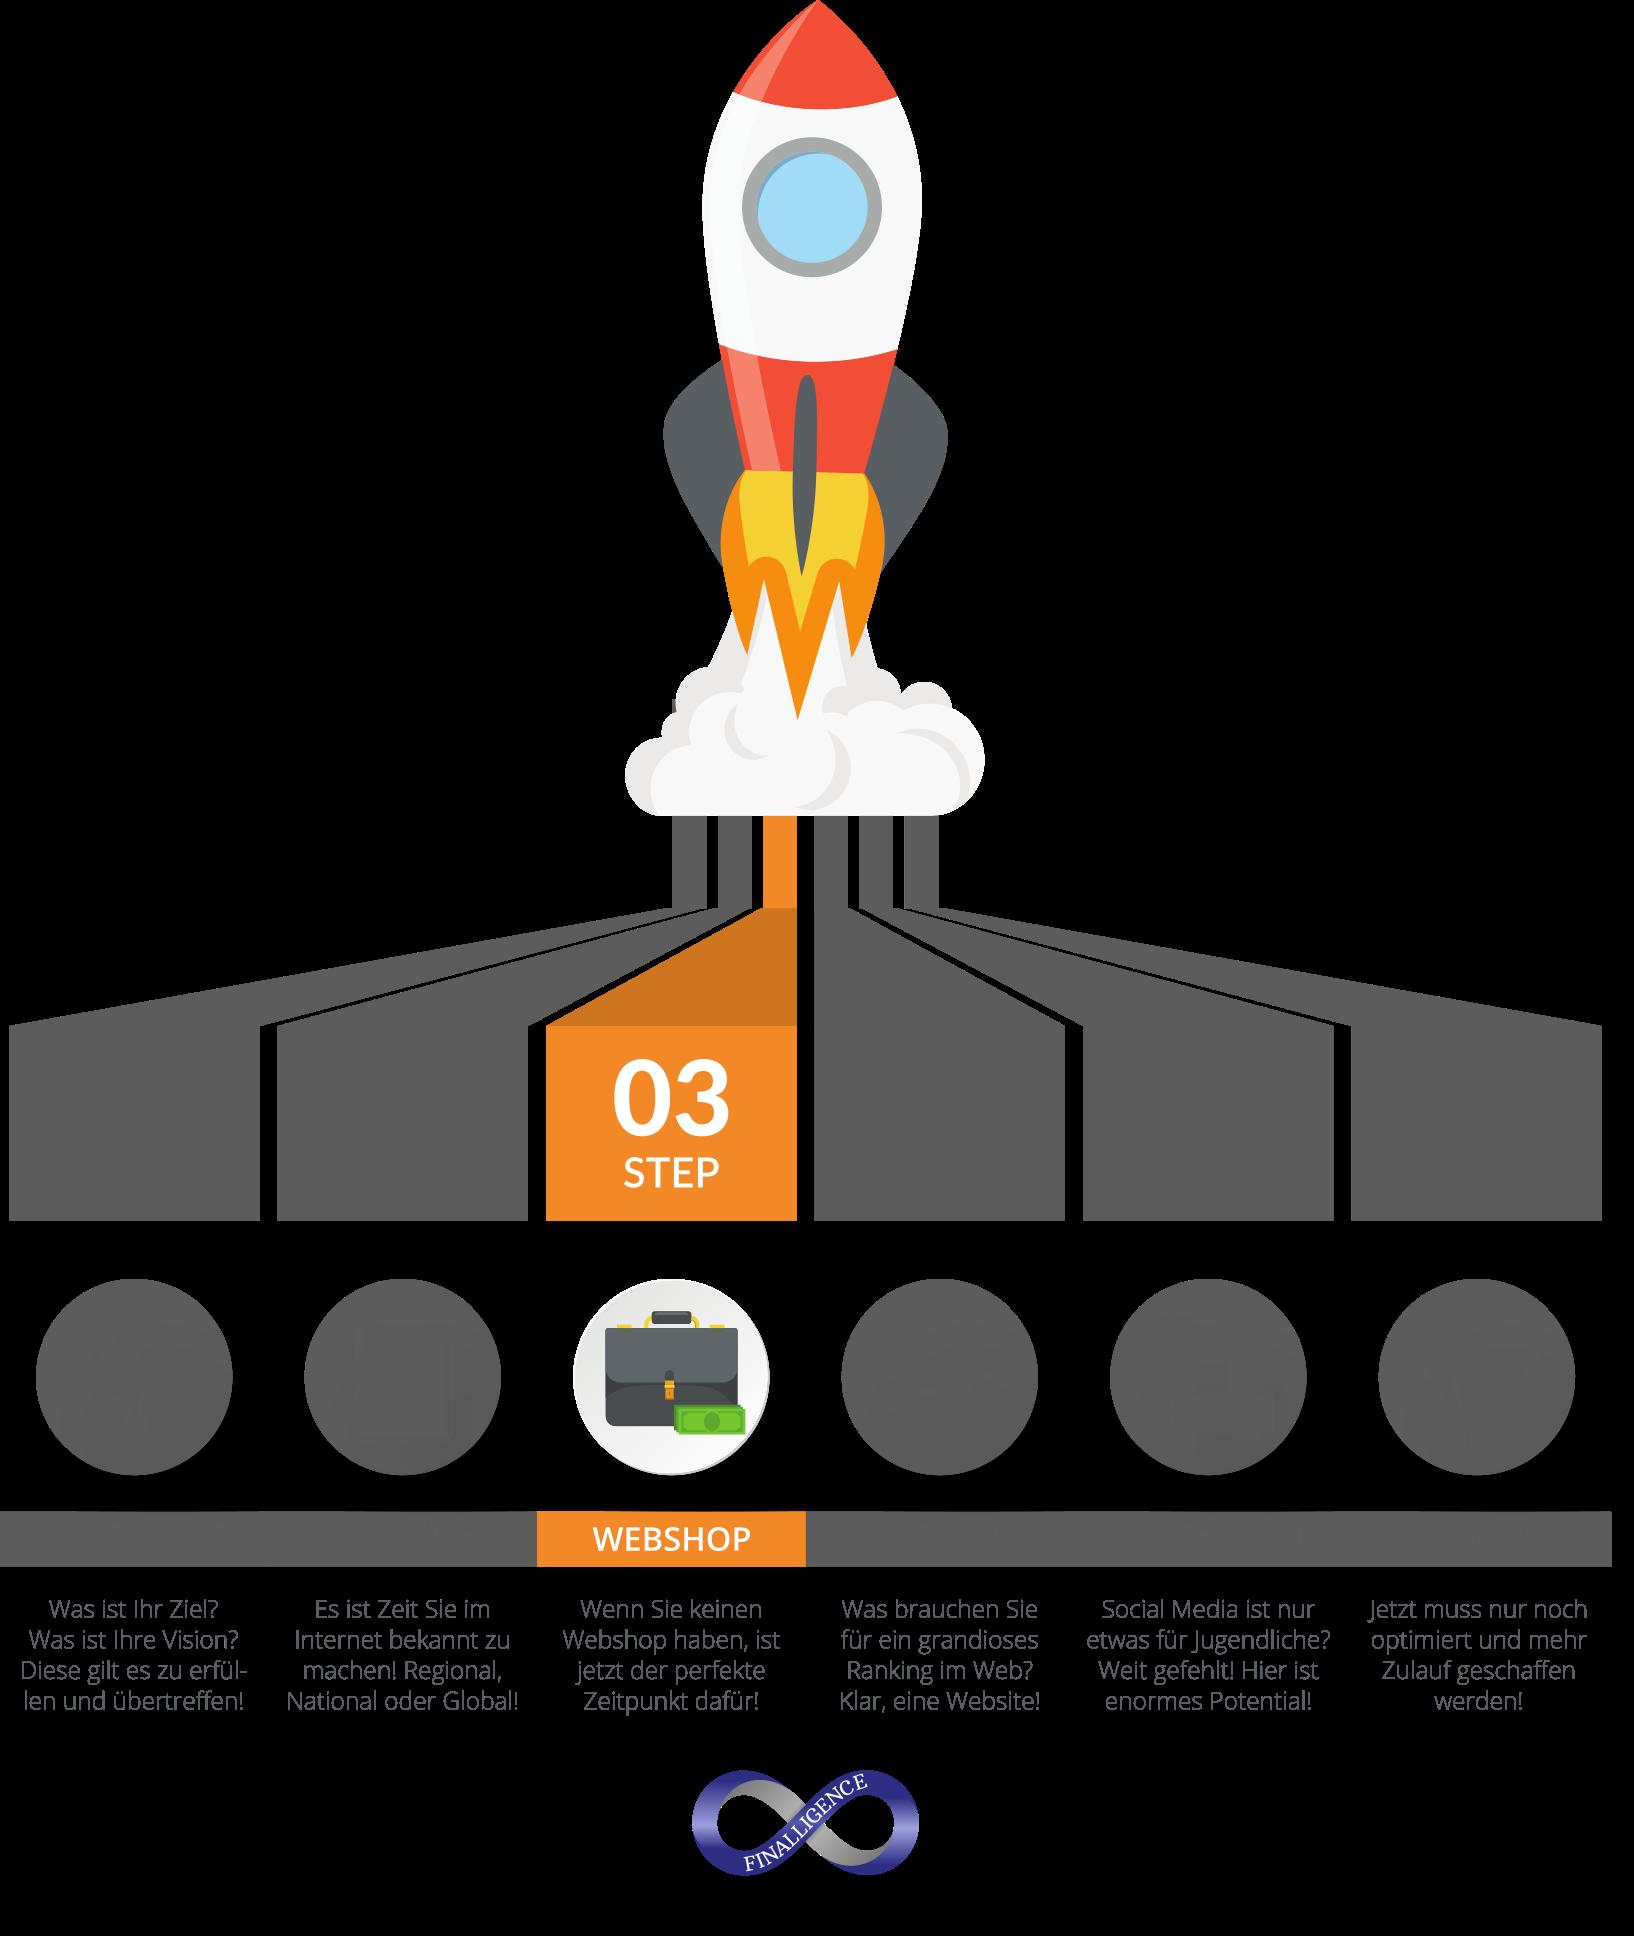 Online Auftritt Rakete für sichtbaren Erfolg - Step03 | Finalligence